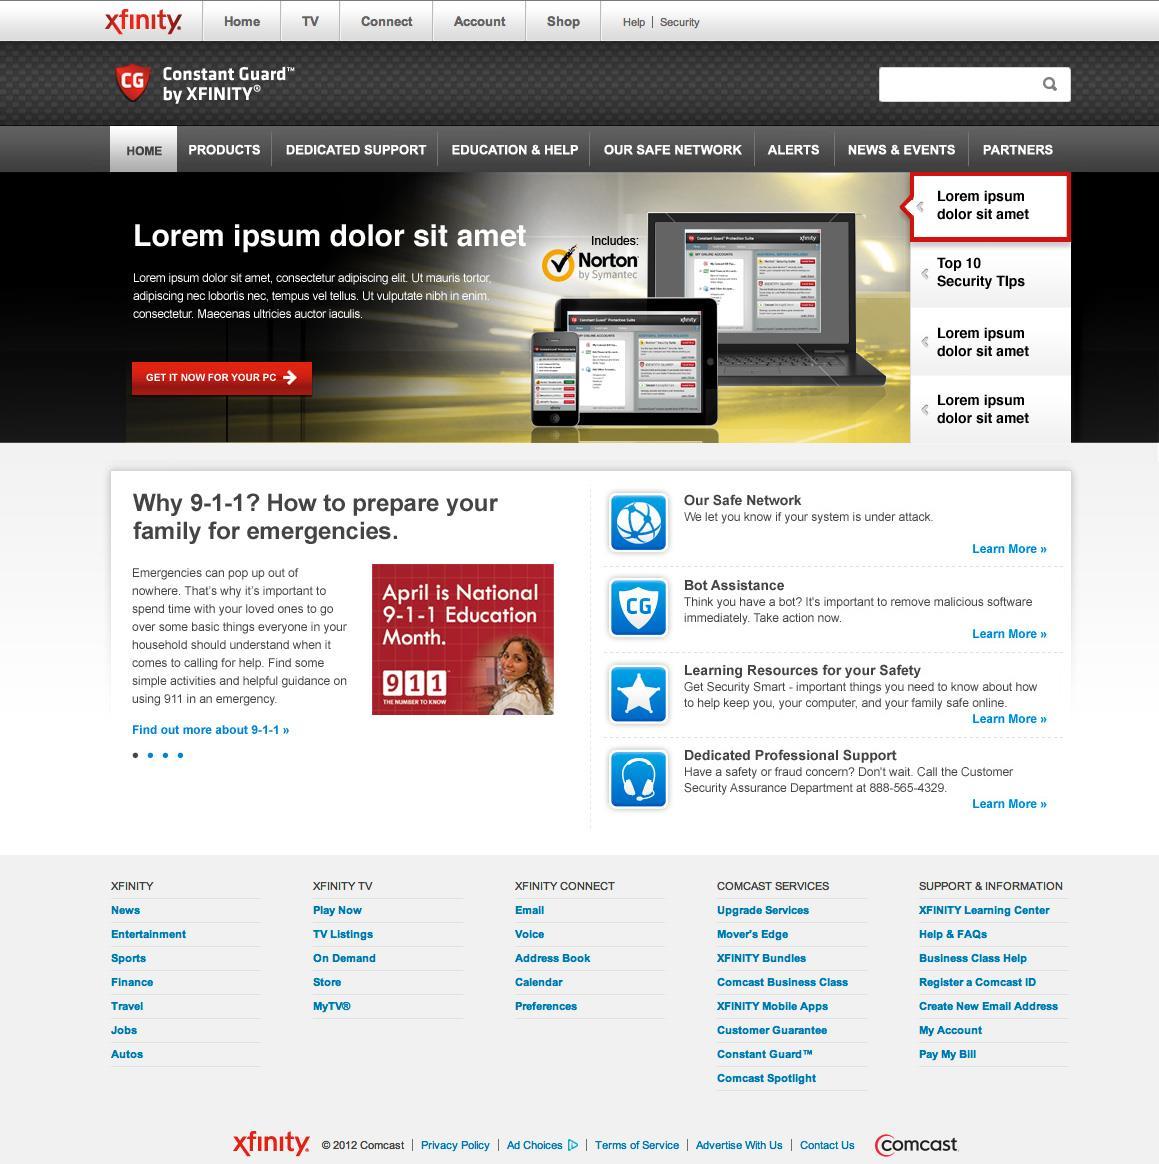 Comcast Security Website